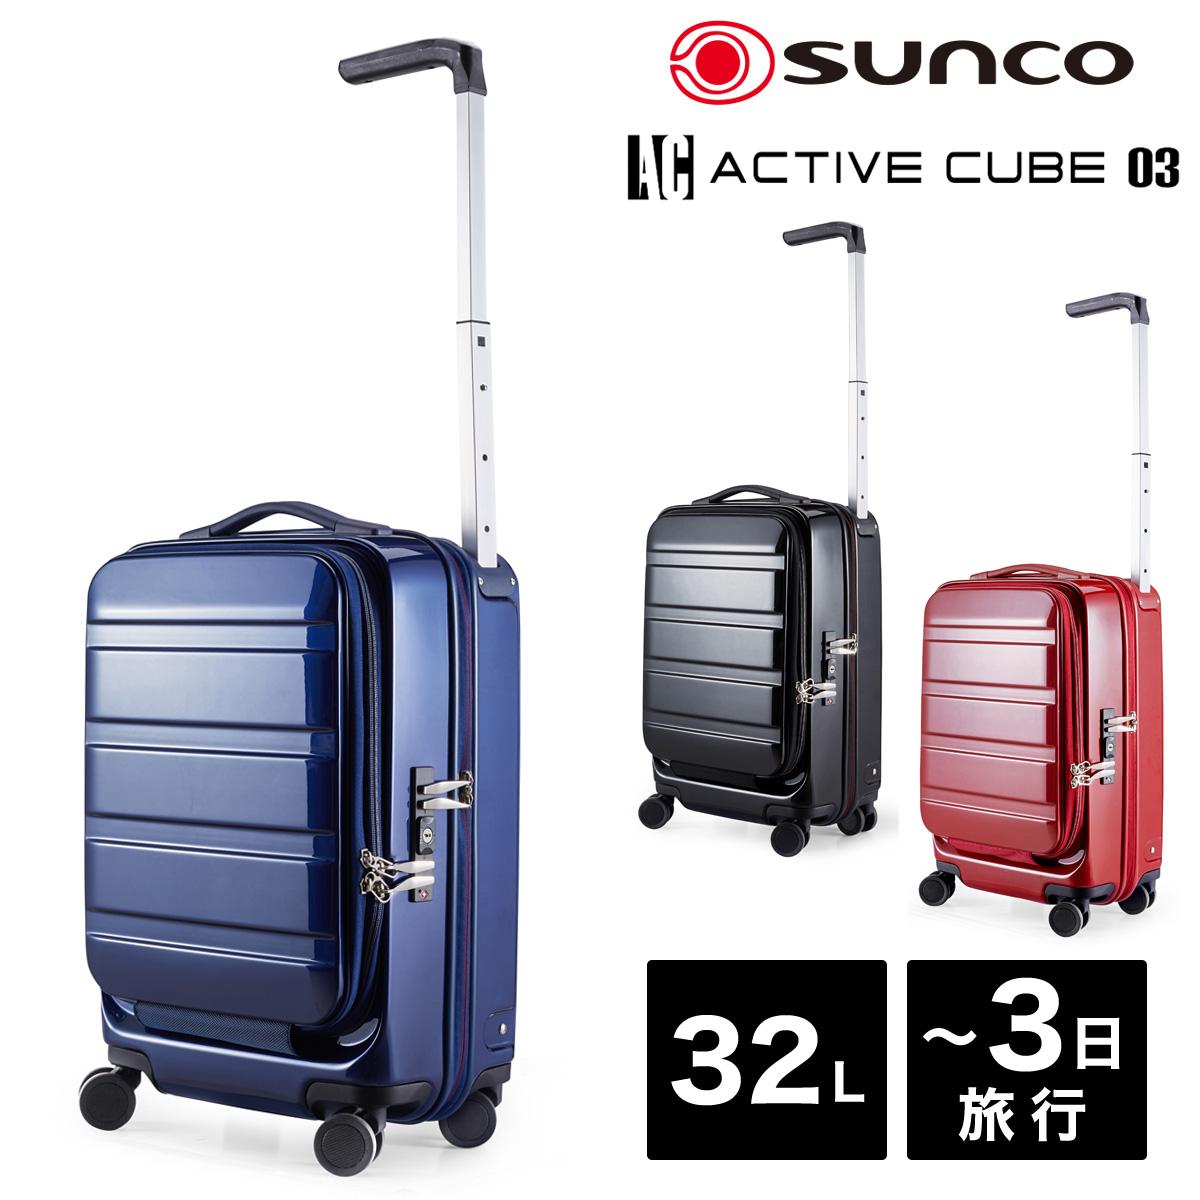 サンコー スーツケース 49cm 32L 2.8kg ハード 機内持ち込み AC03-48 キャリーケース 静音 フロントオープン SUNCO アクティブキューブ3 [PO10][bef][即日発送]